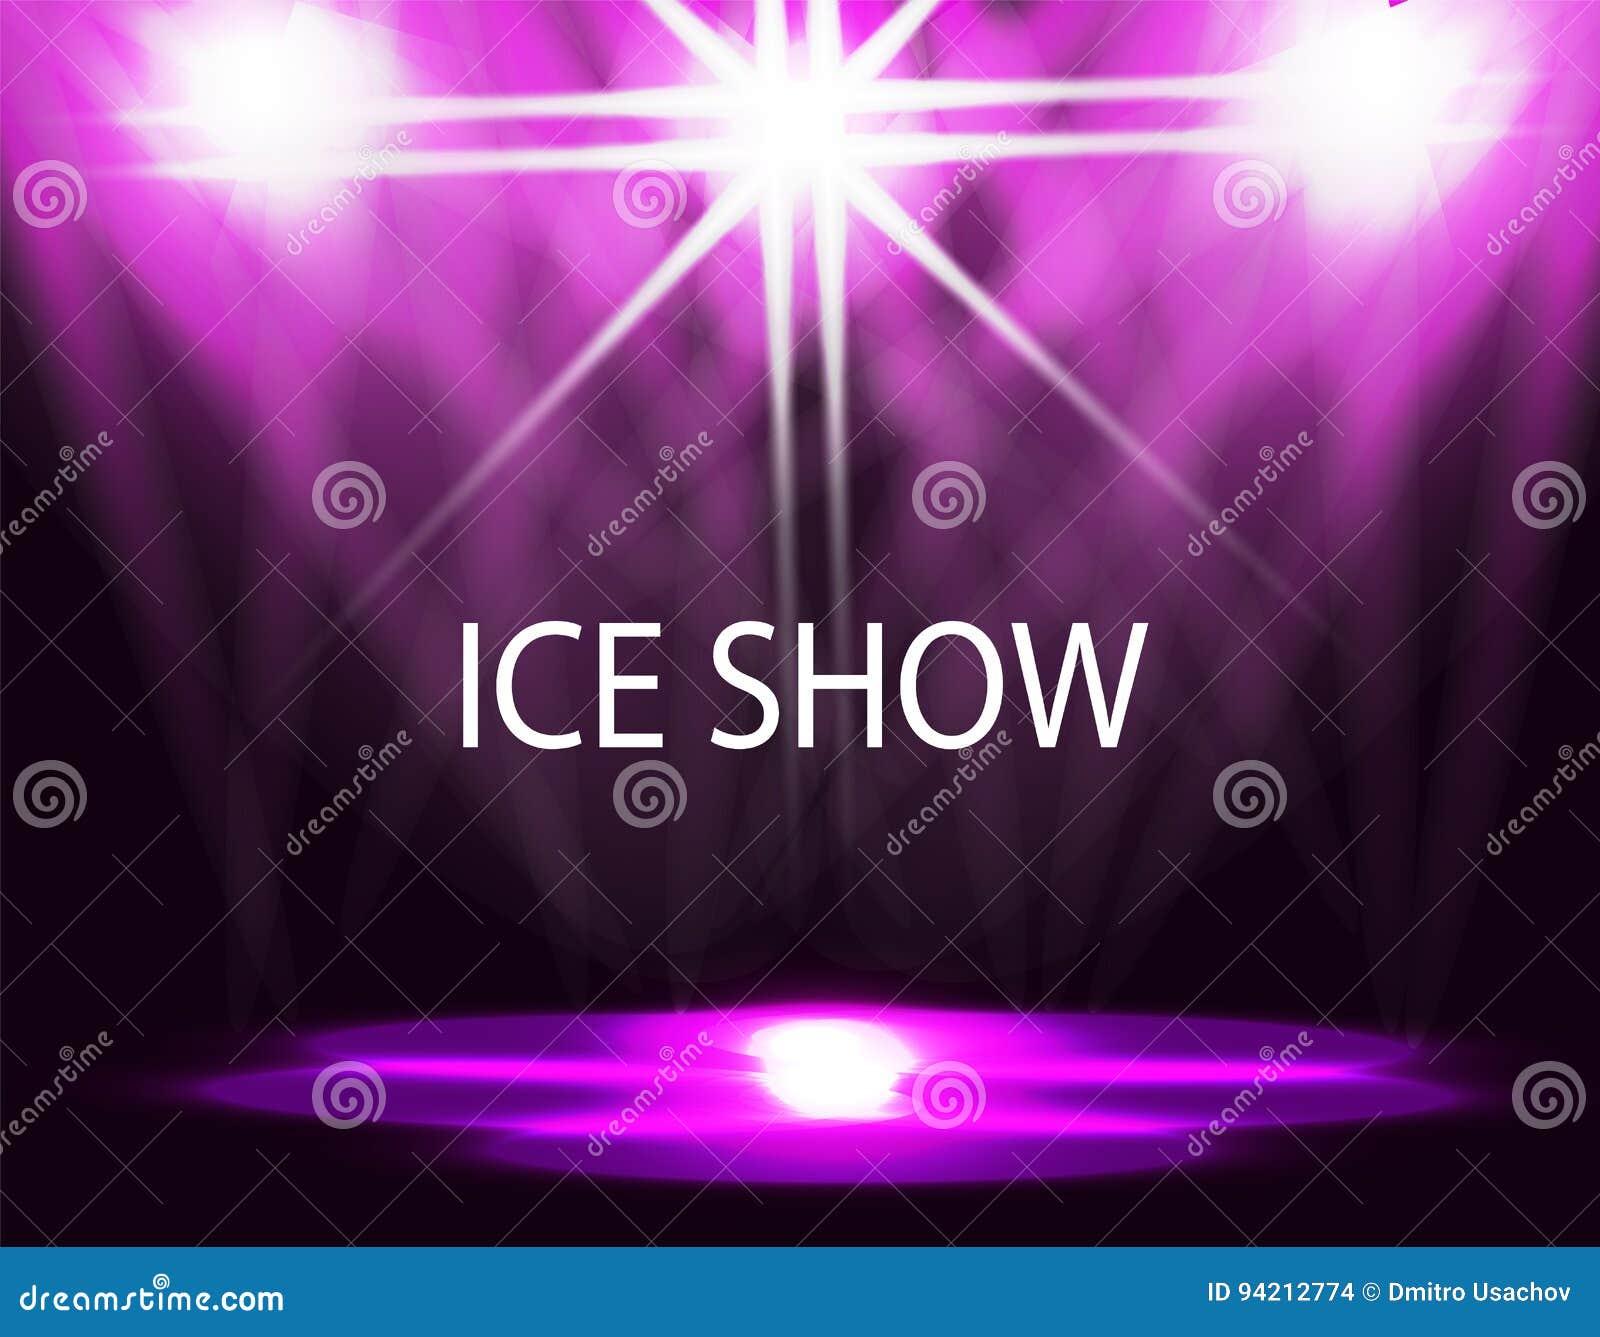 Inskrift för isshow Belysning av isbanan, catwalk, flodljus Abstrakt begrepp Purpurfärgad bakgrund illustration